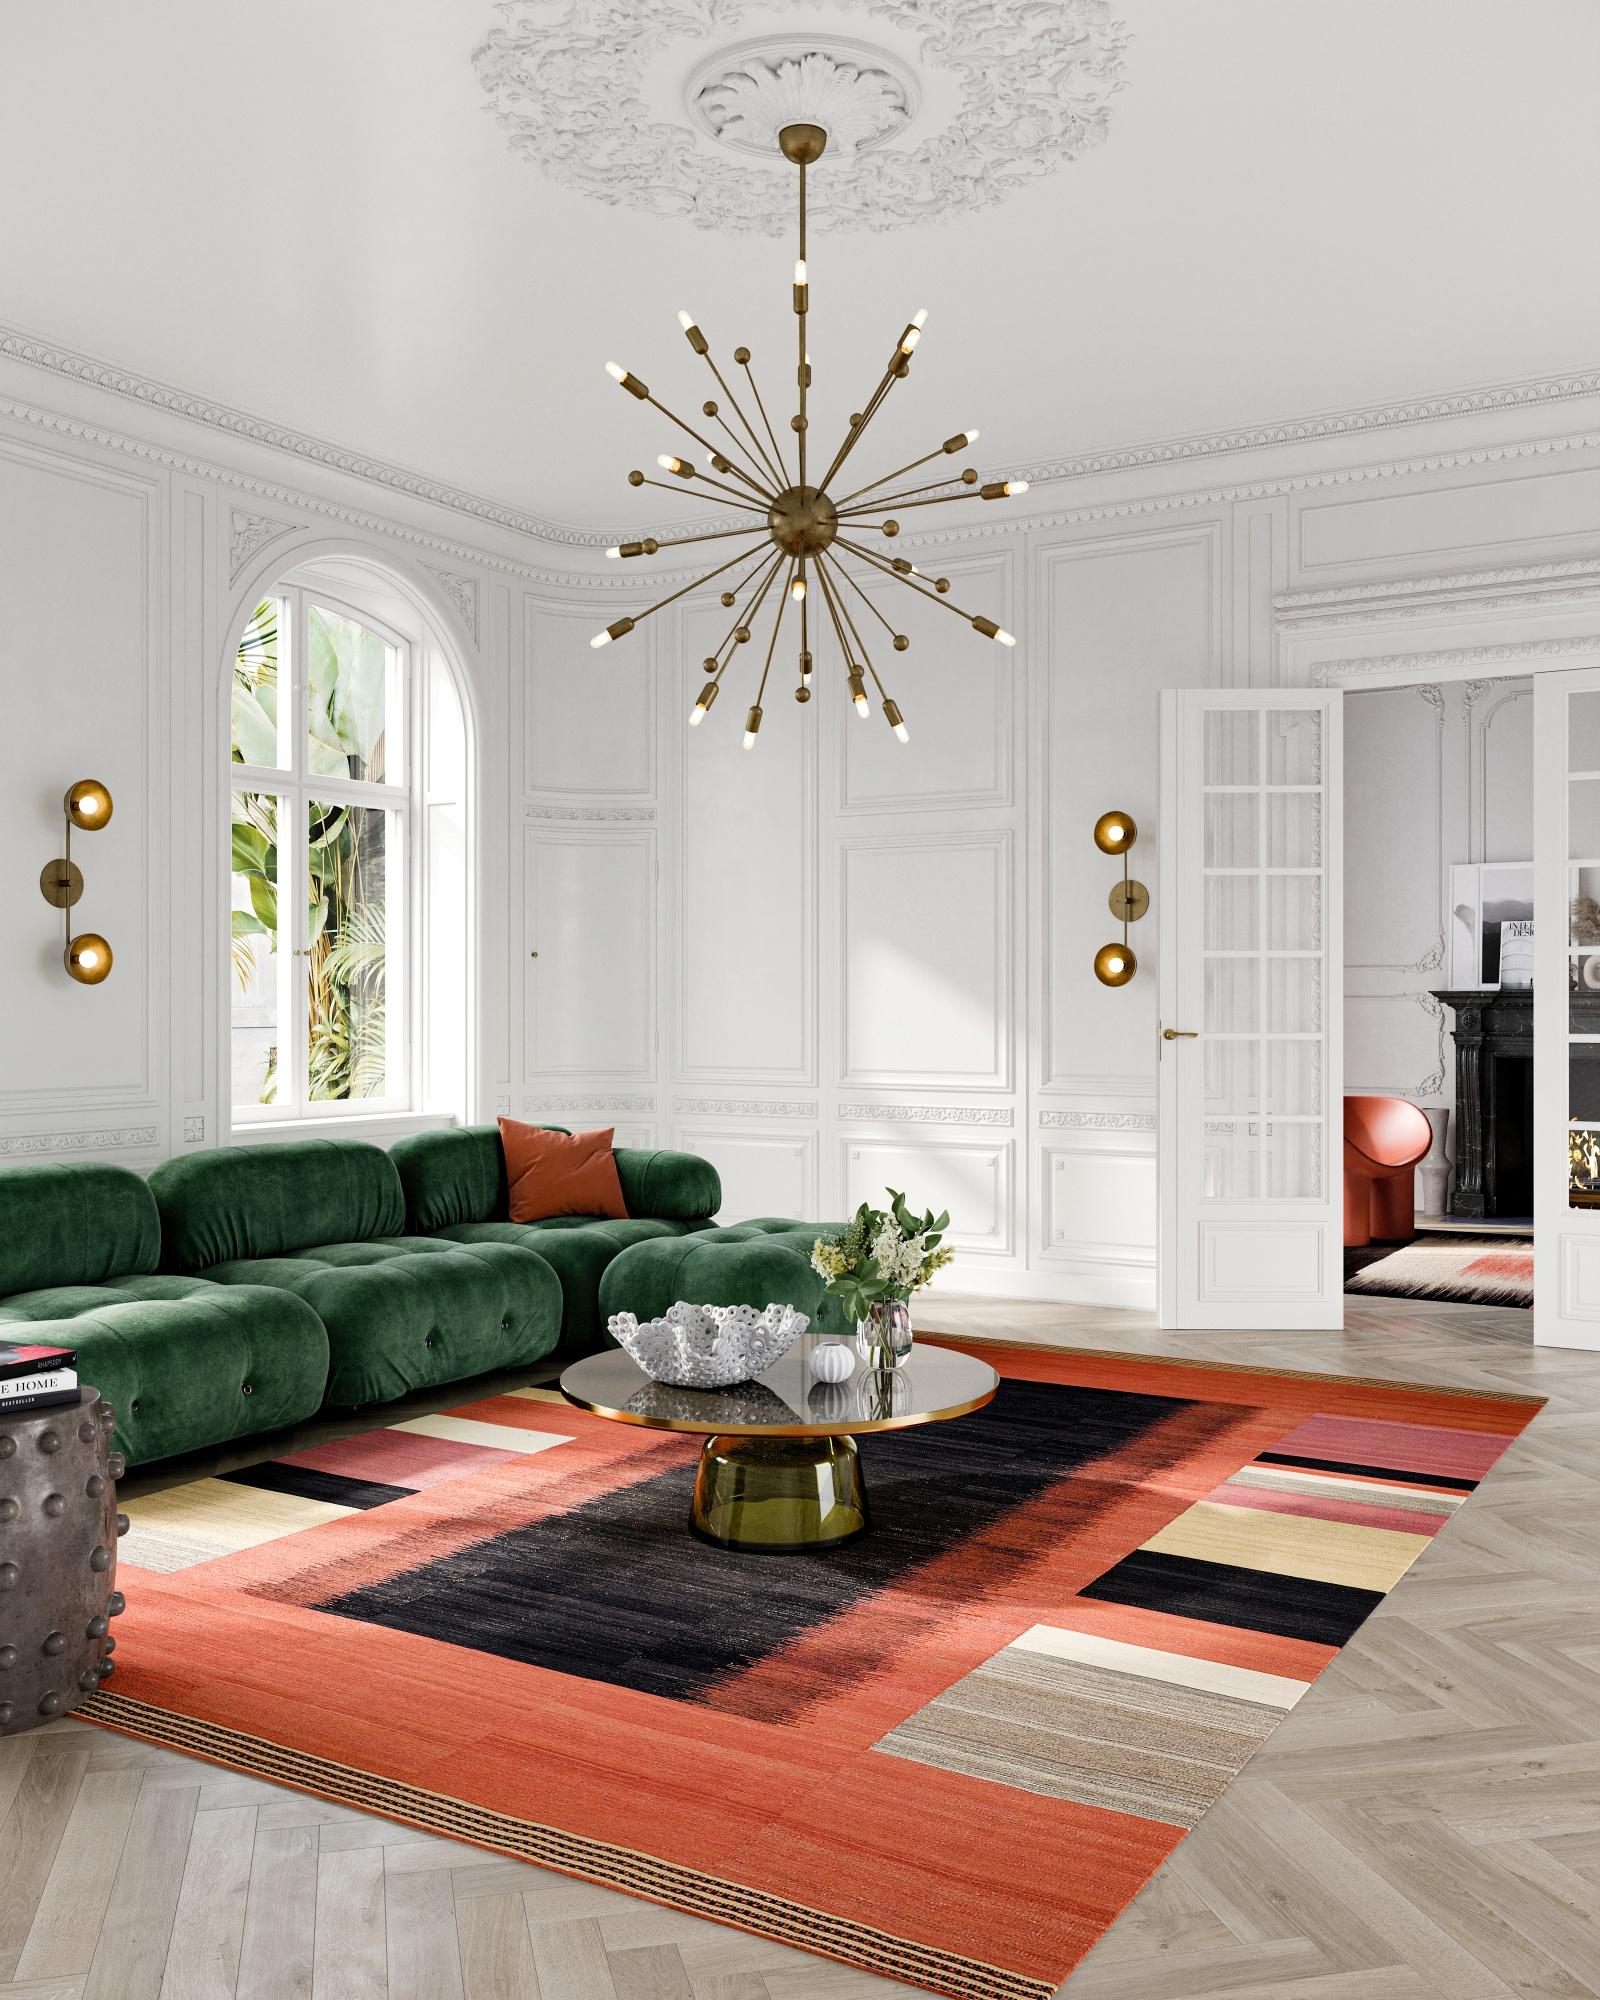 Edelgrund living room